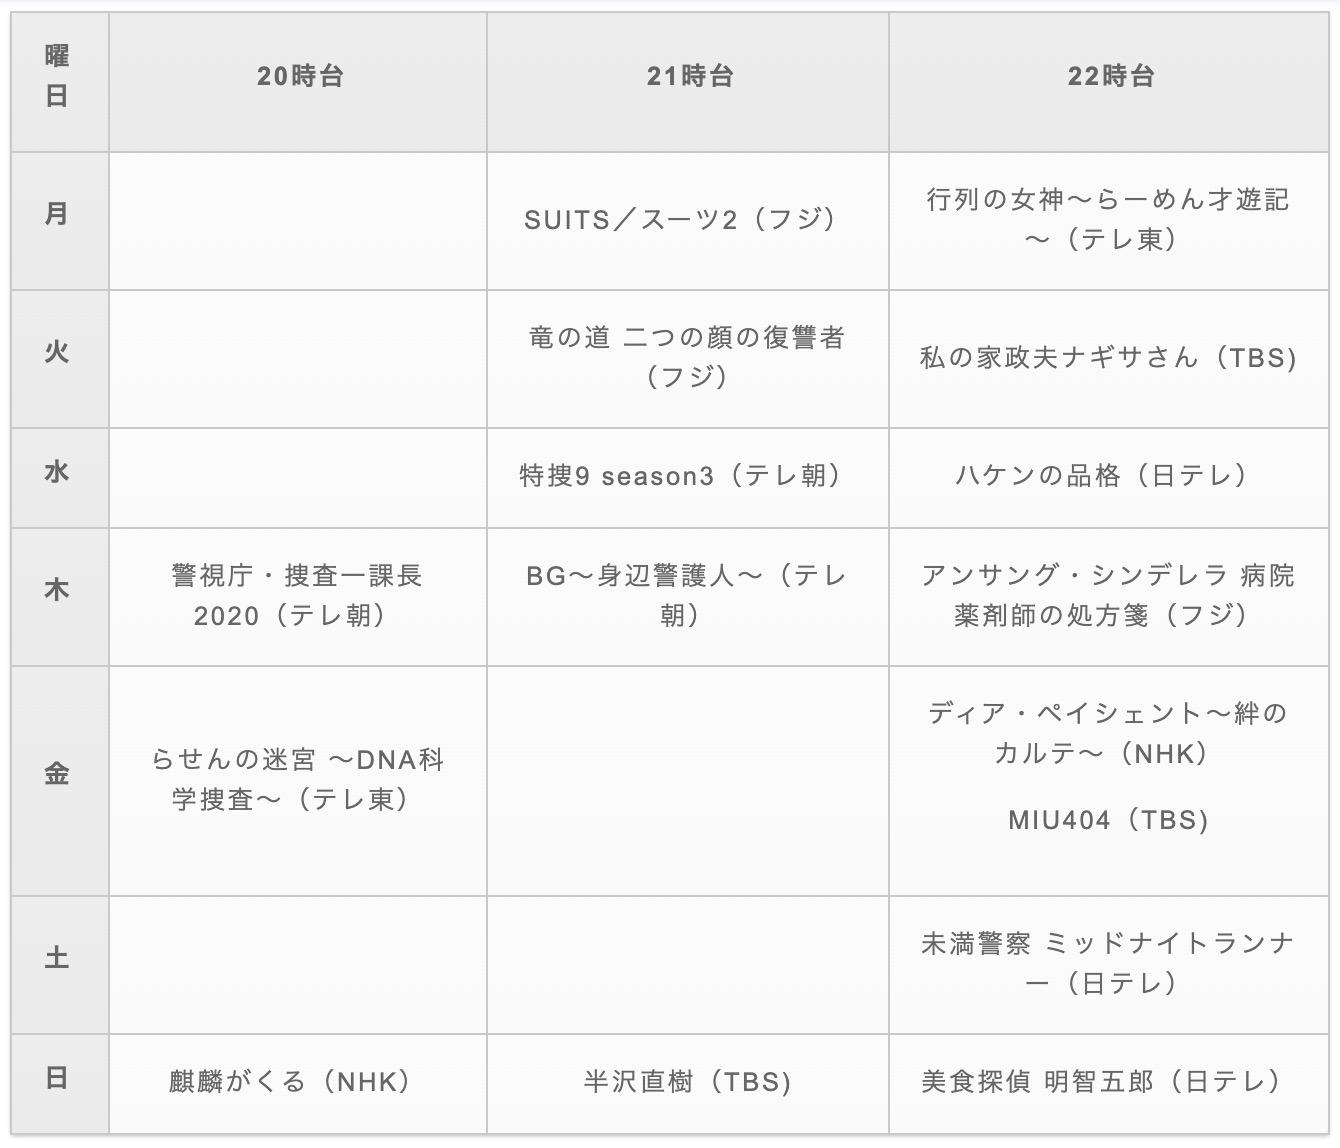 2020_春ドラマ